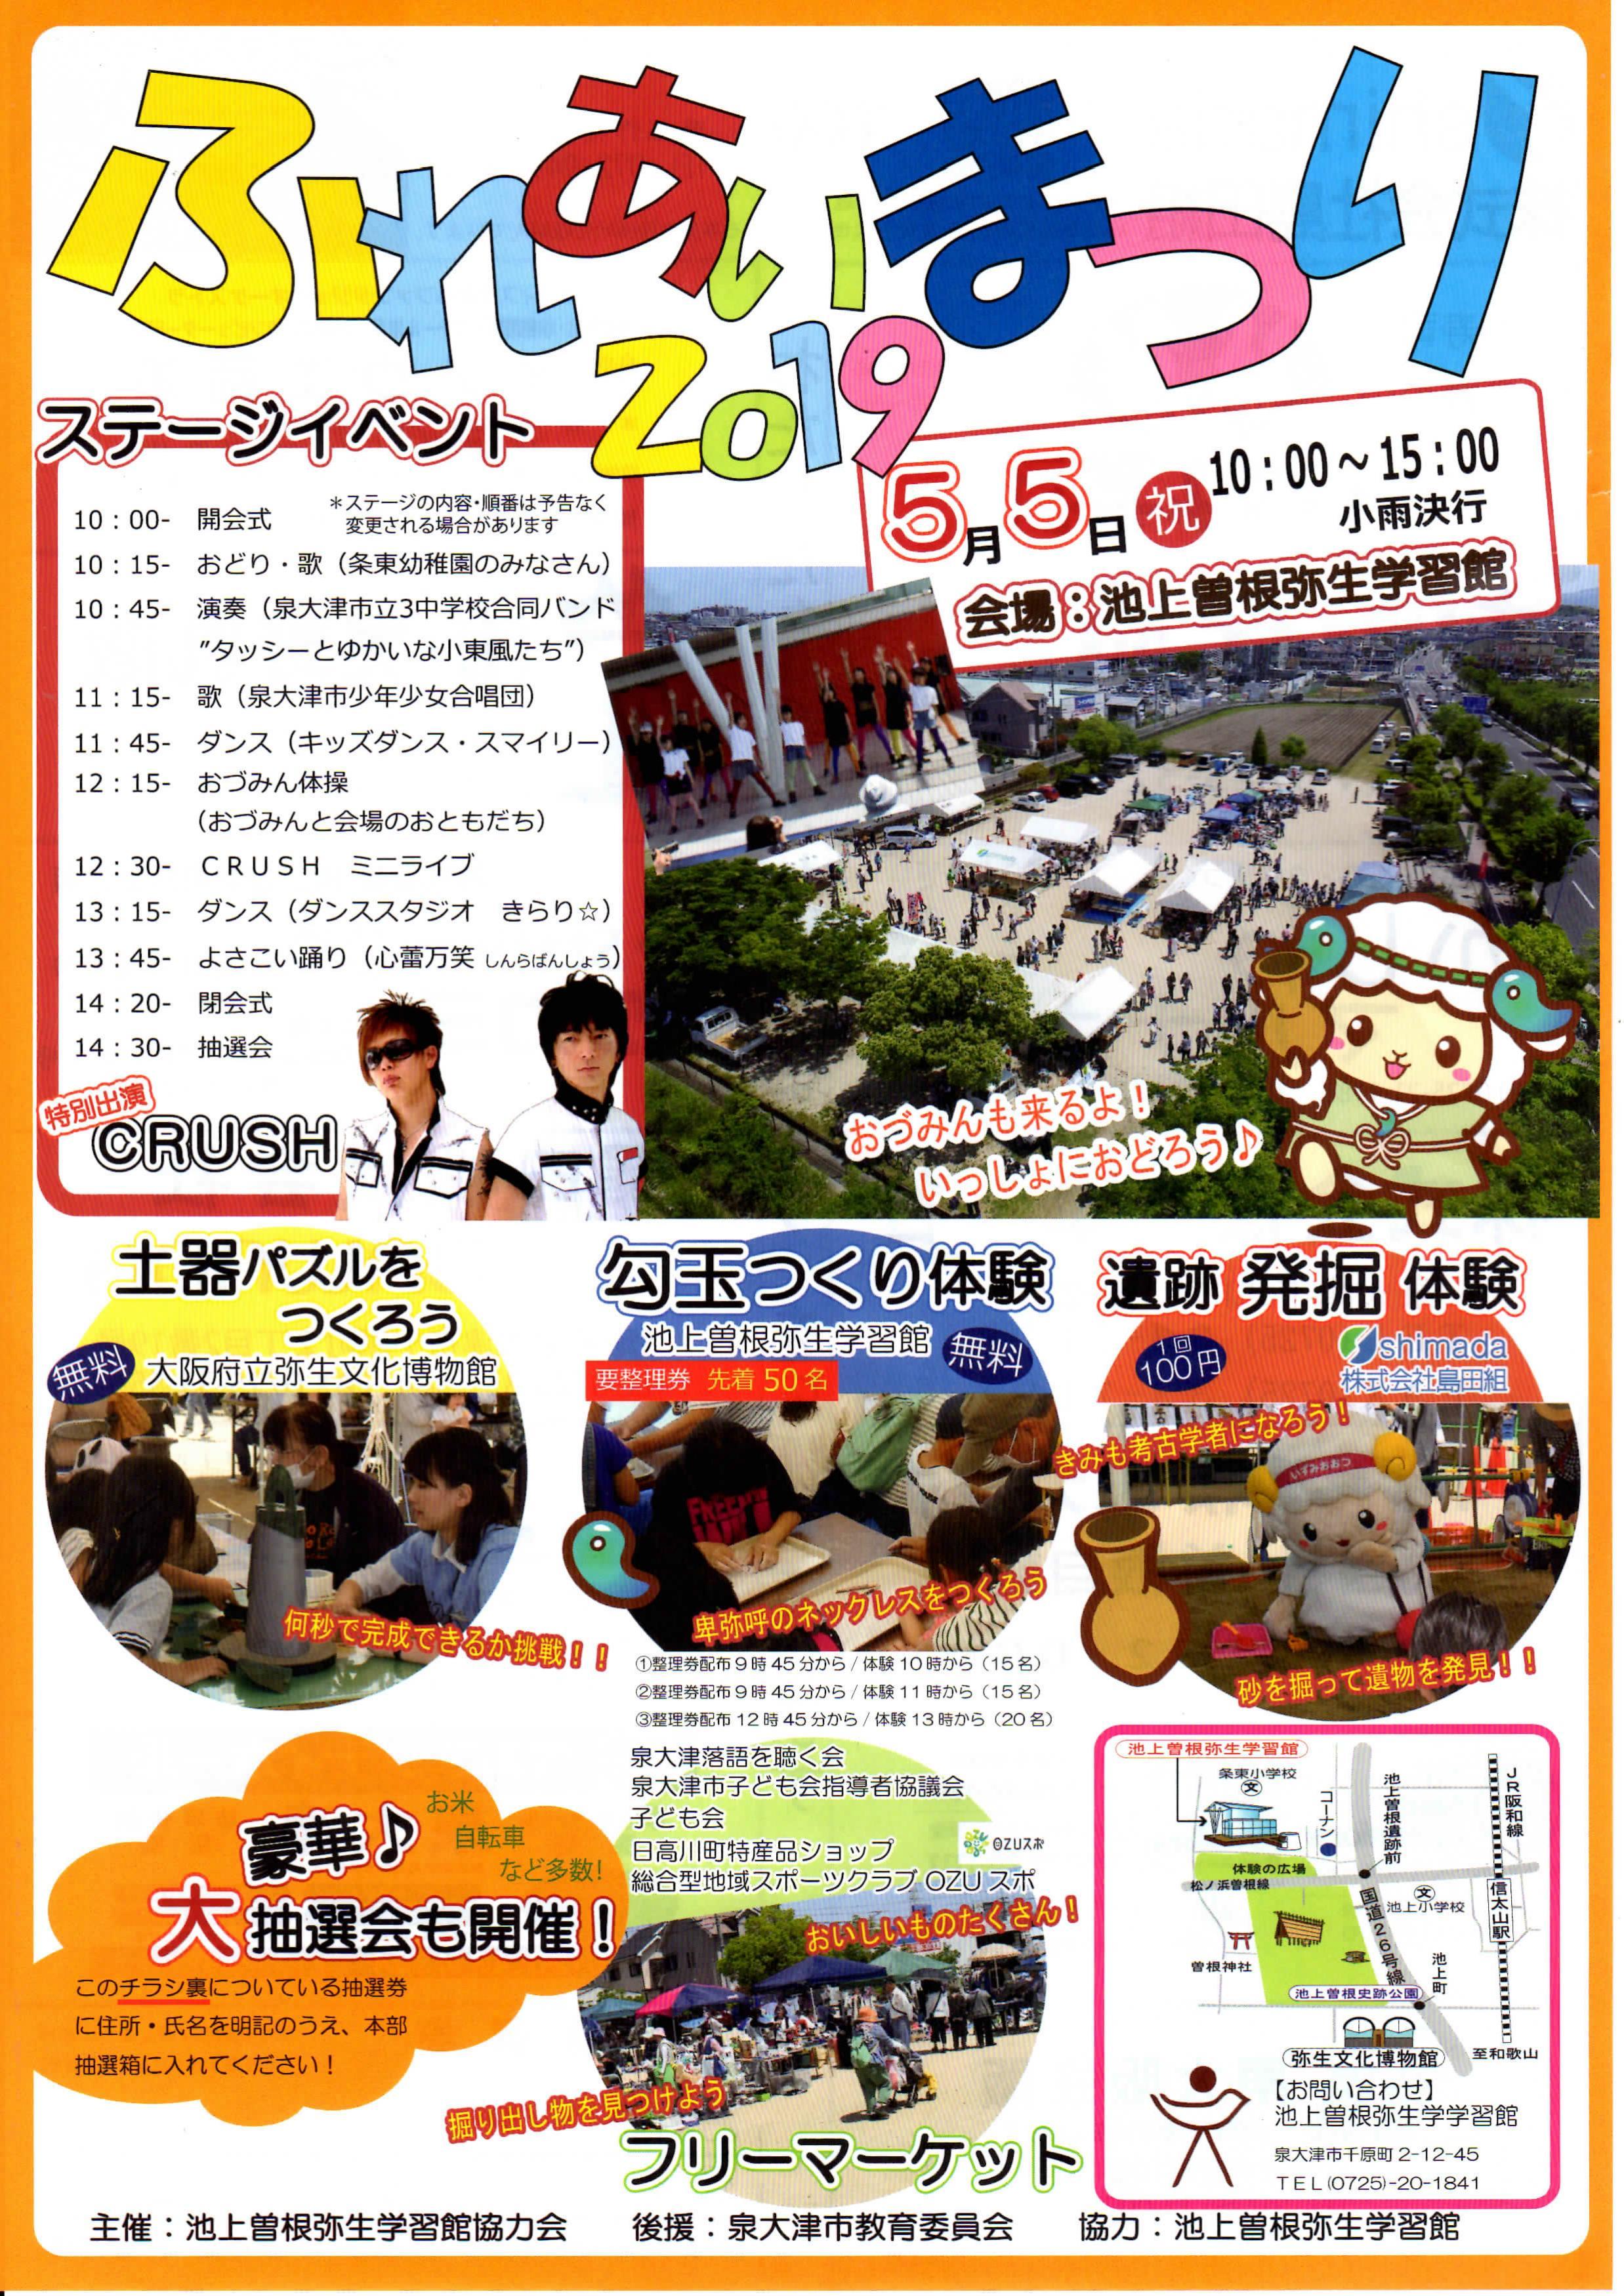 2019年5月5日(日・祝) ふれあいまつり2019 池上曽根弥生学習館